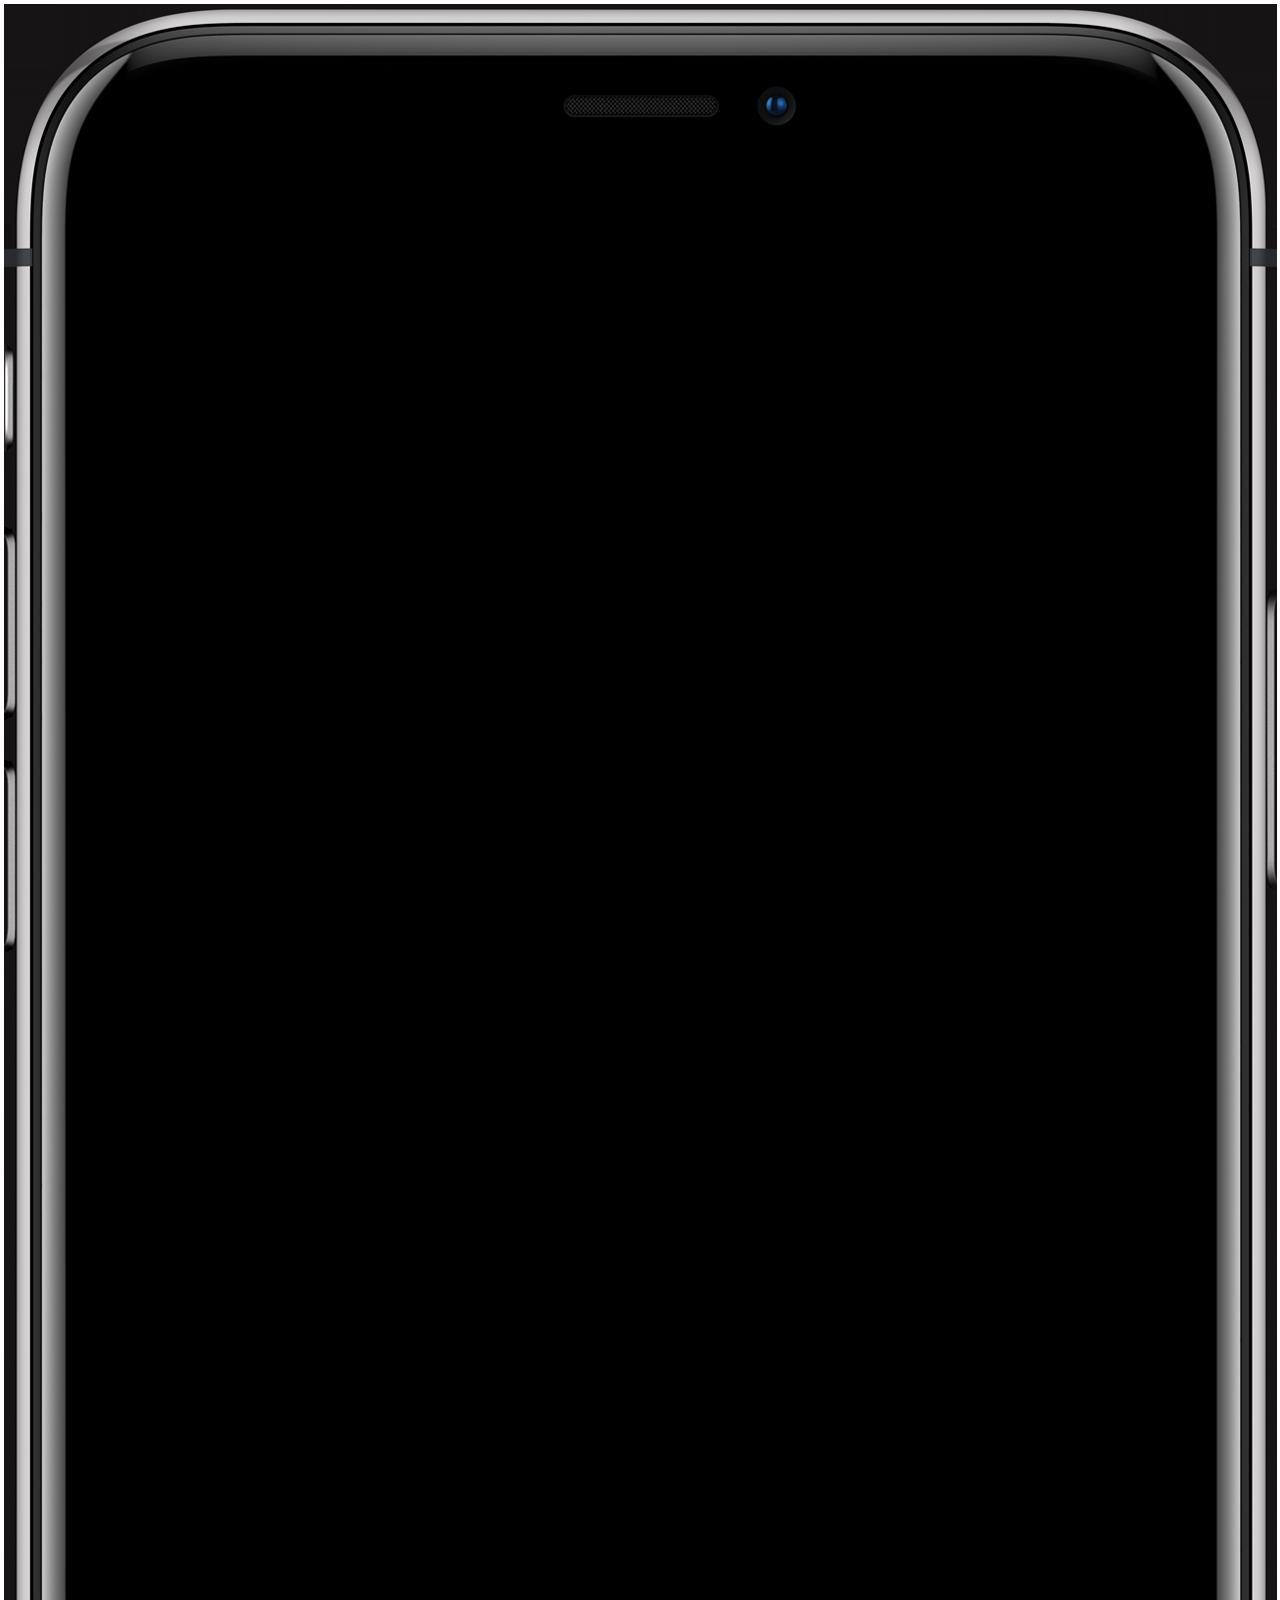 iPhone X : l'essentiel à savoir ! | Imagens png tumblr, Sonhos